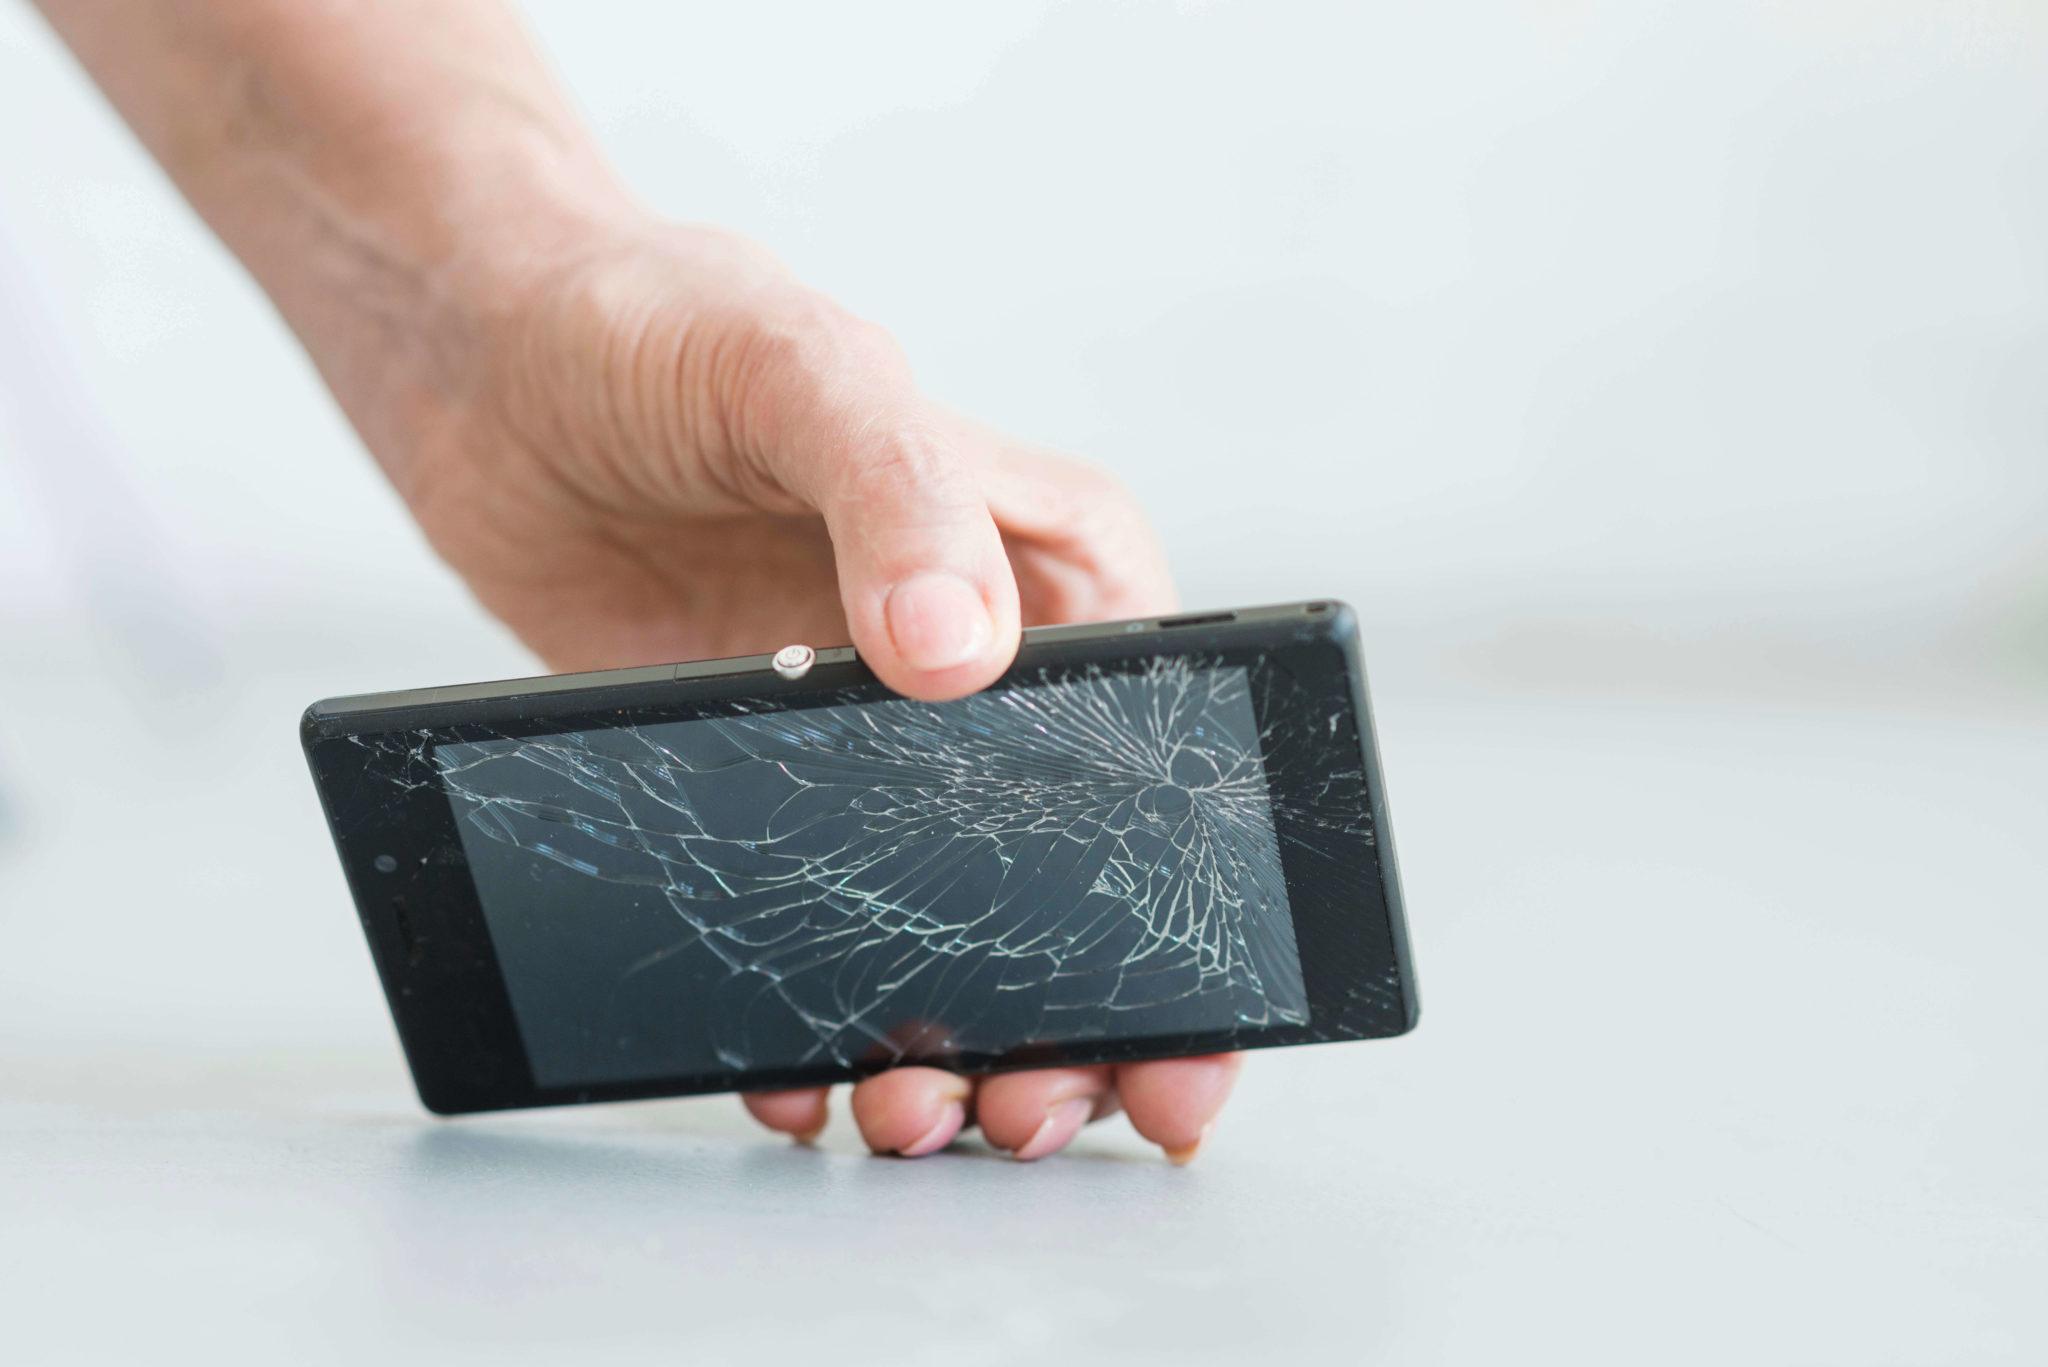 Vale la pena reparar la pantalla del móvil